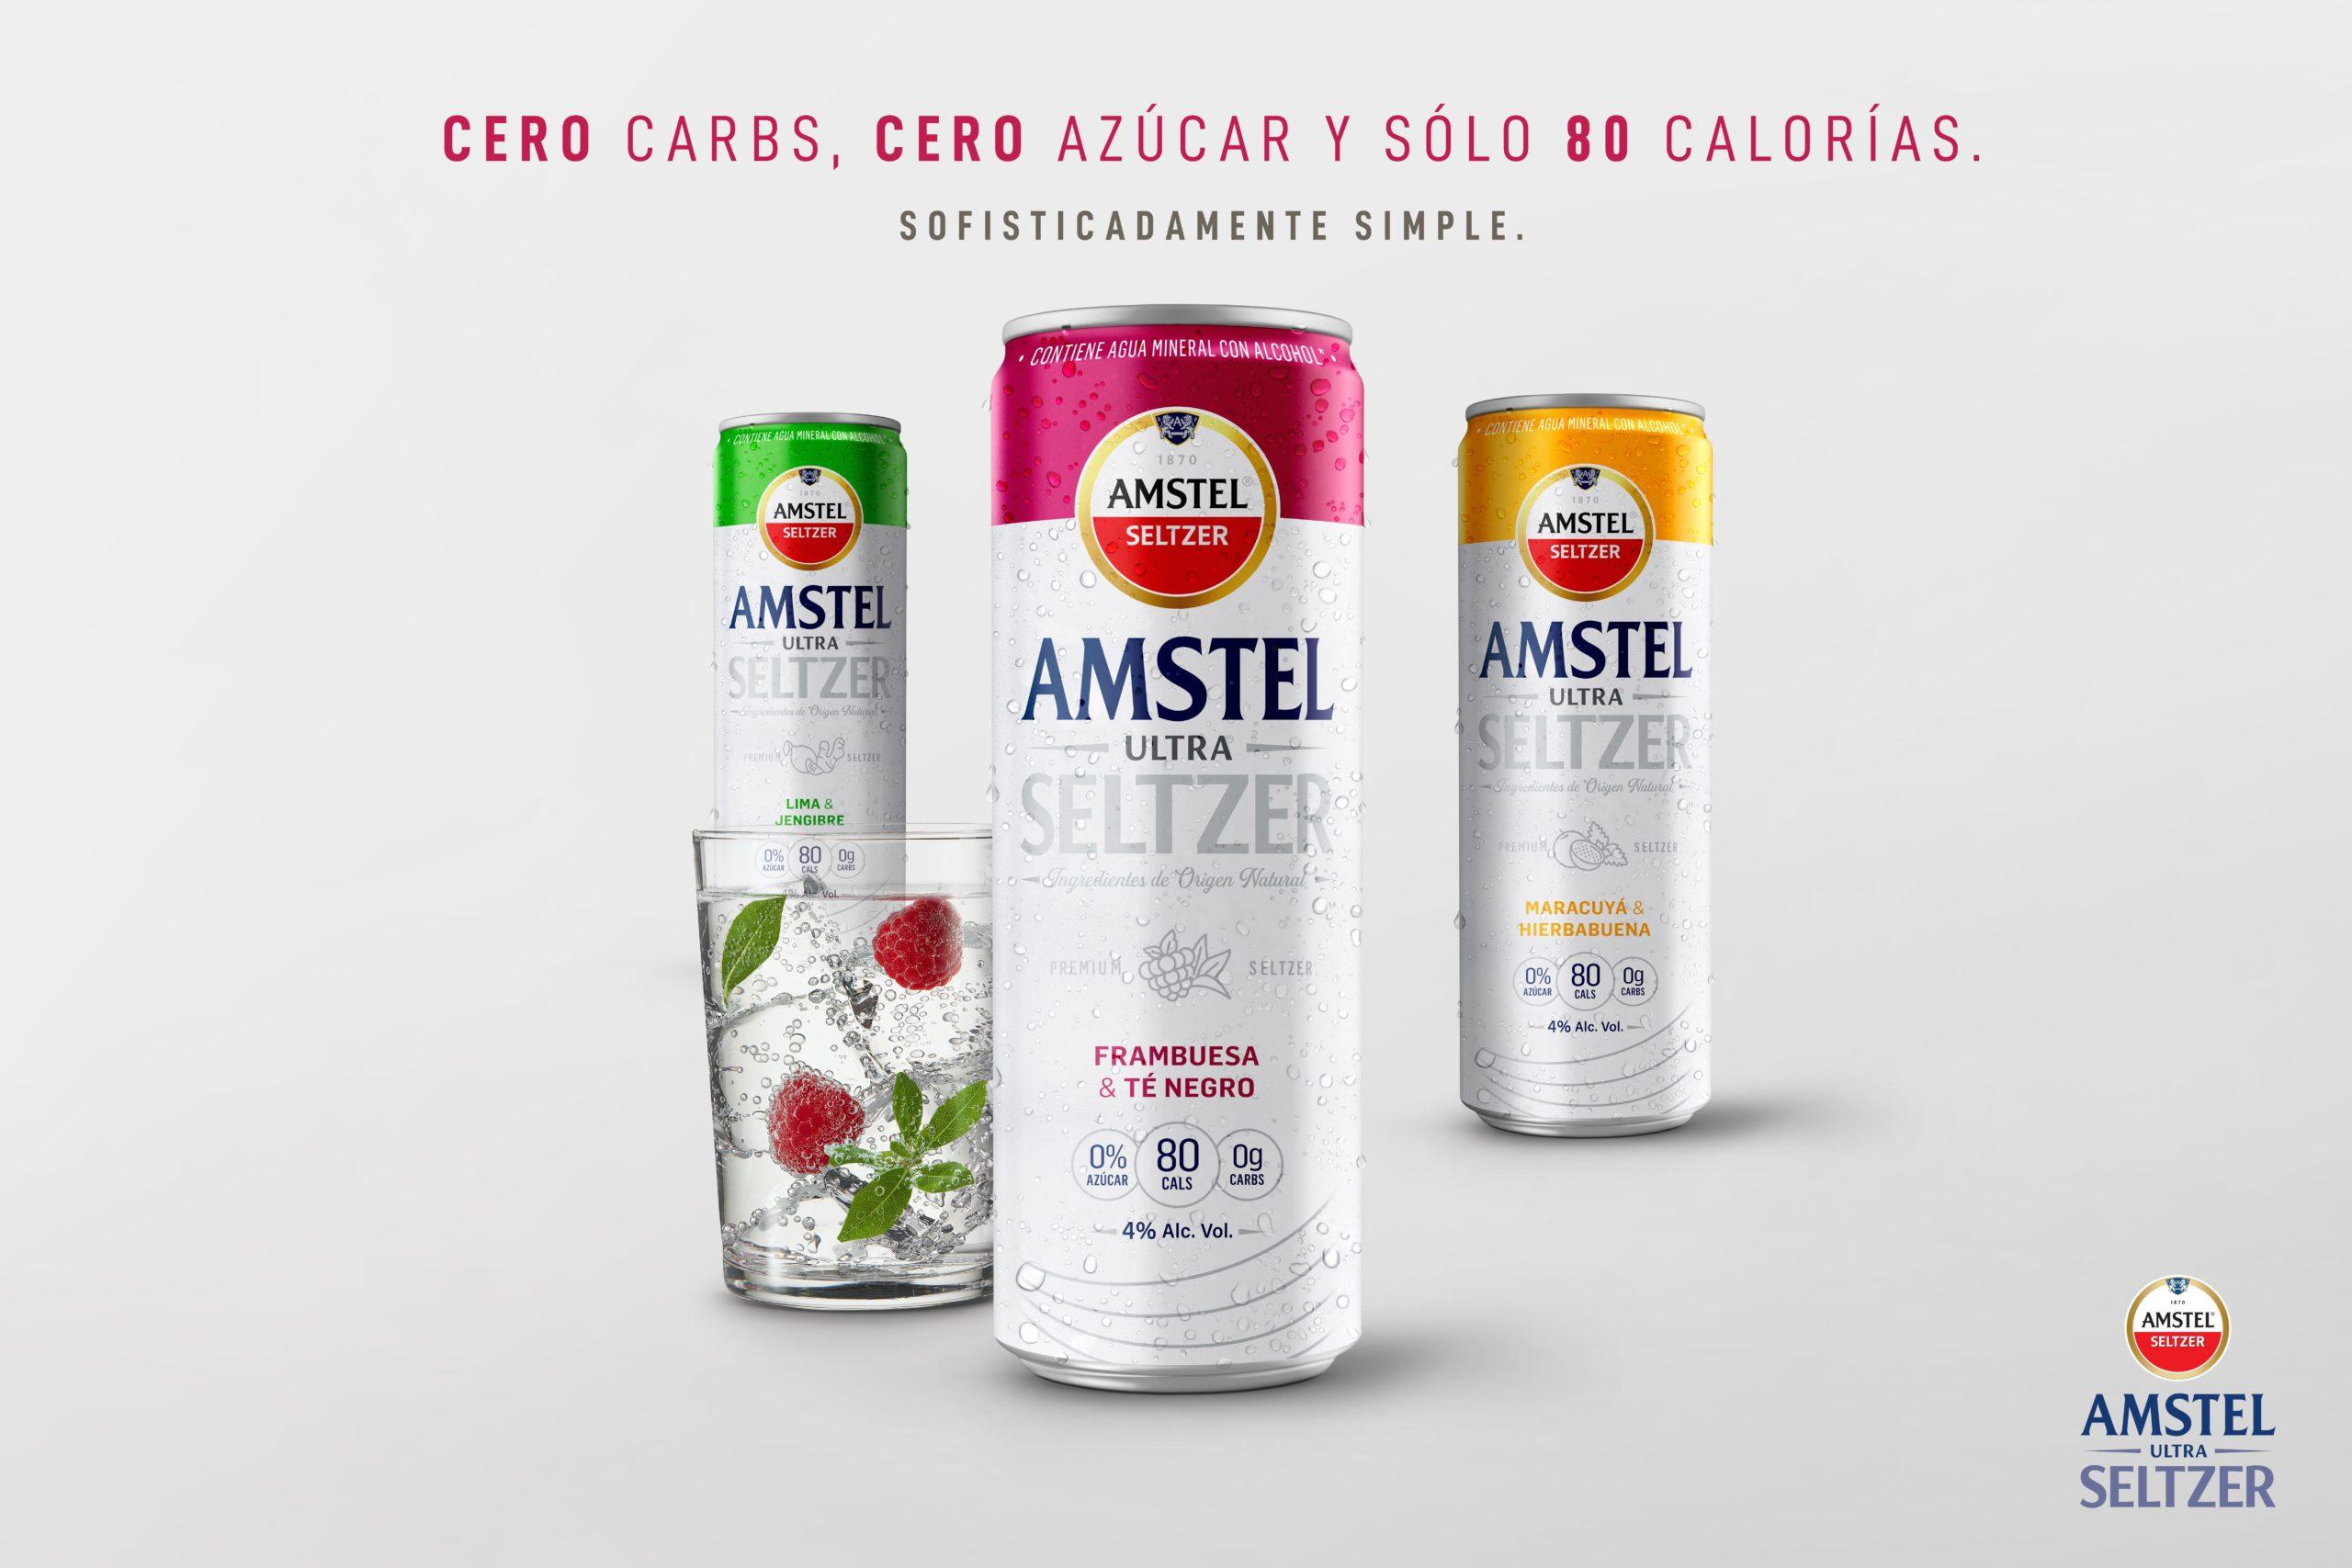 Crece el mercado de bebidas en México